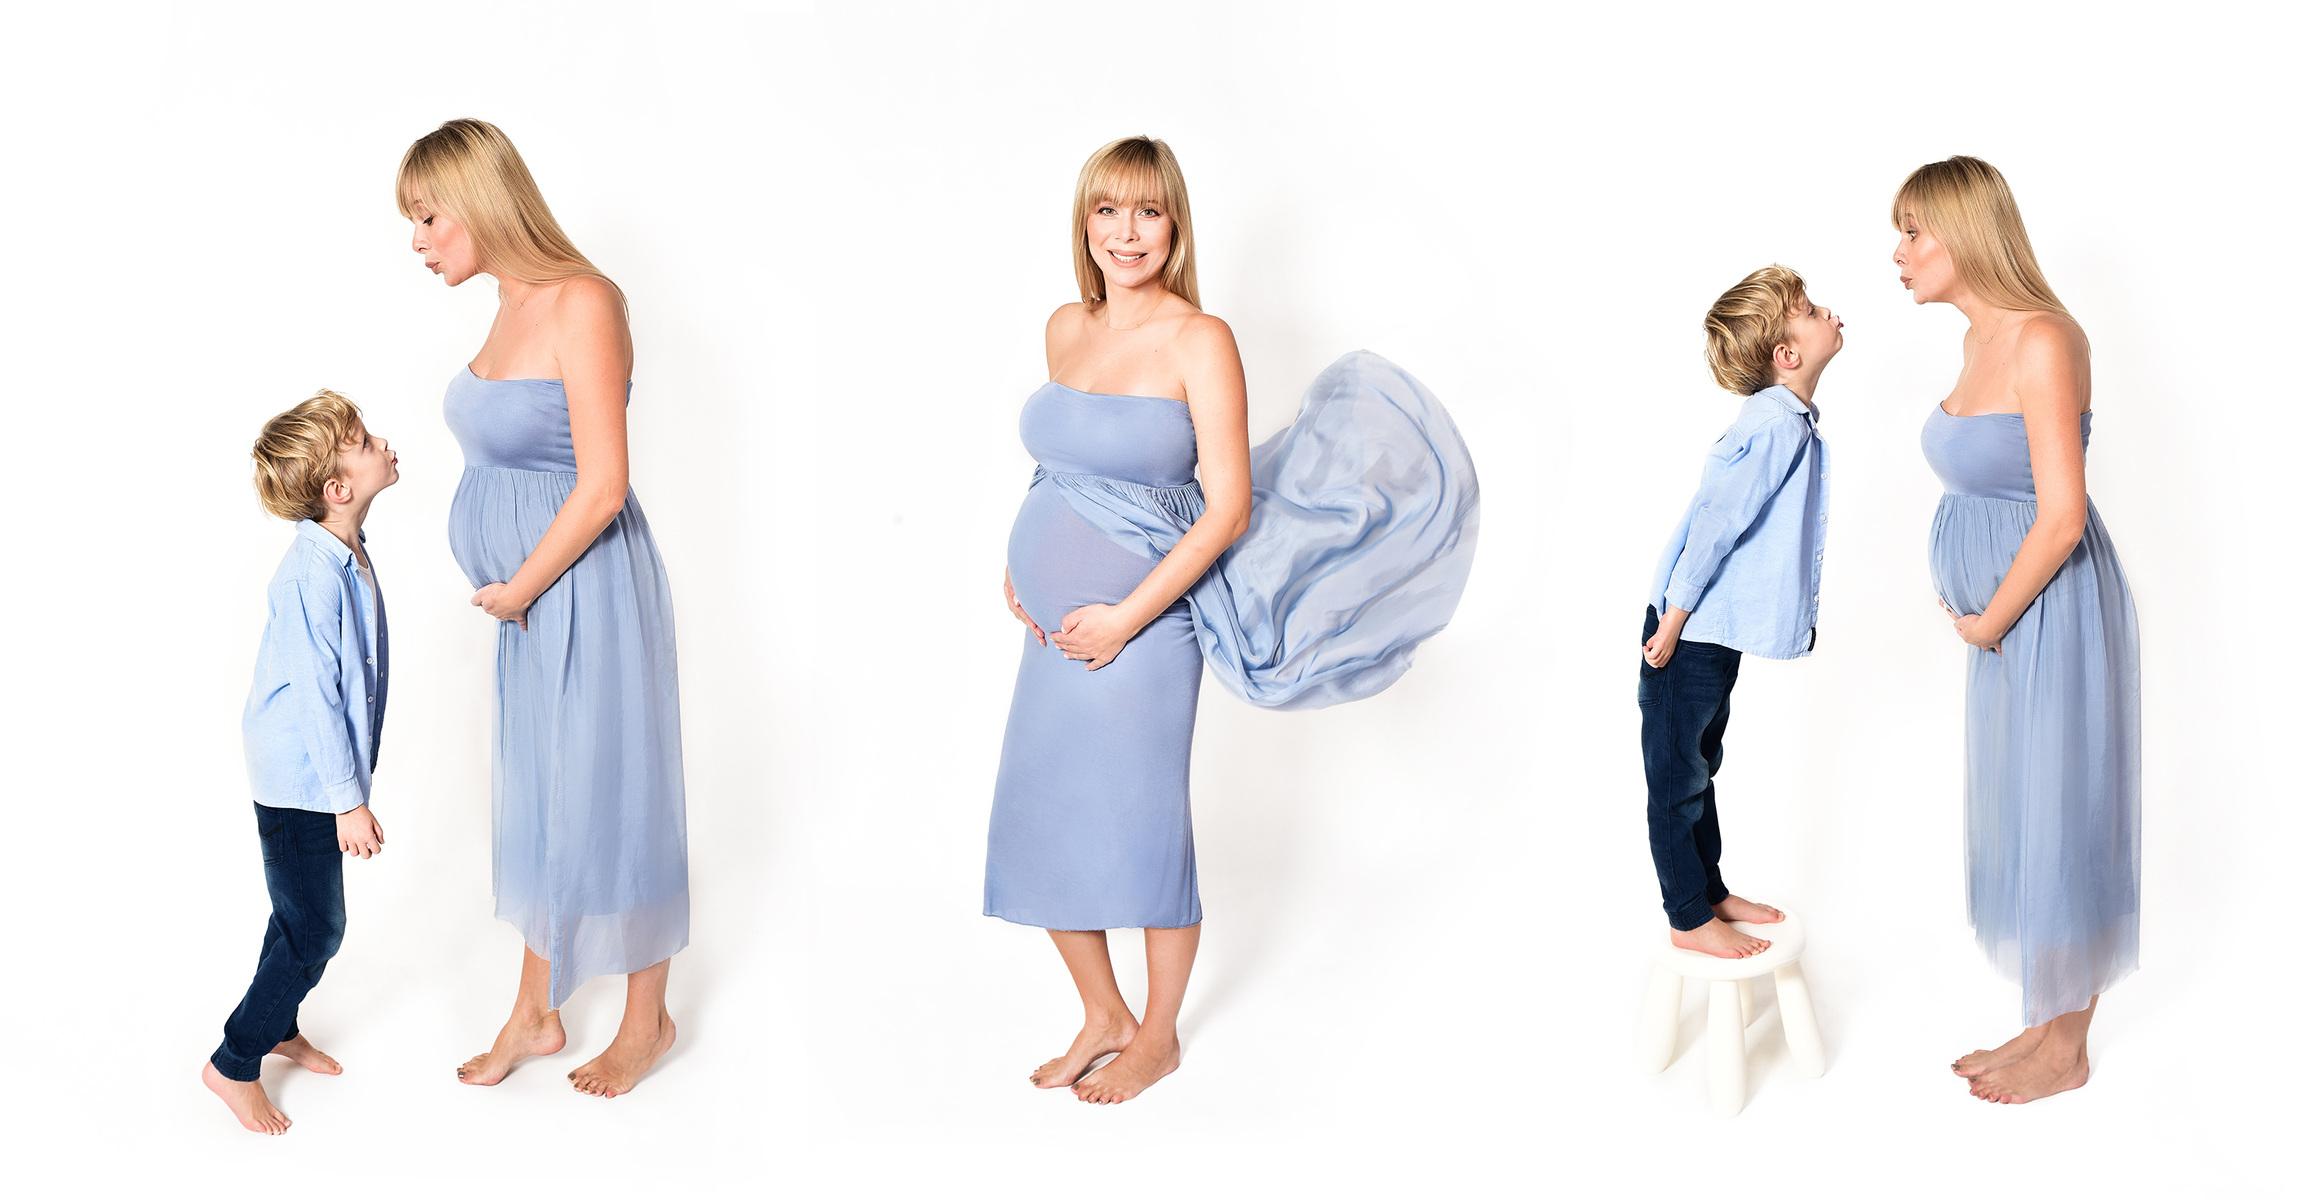 DBG Photography - sesje ciążowe łódź, sesje noworodkowe łódź